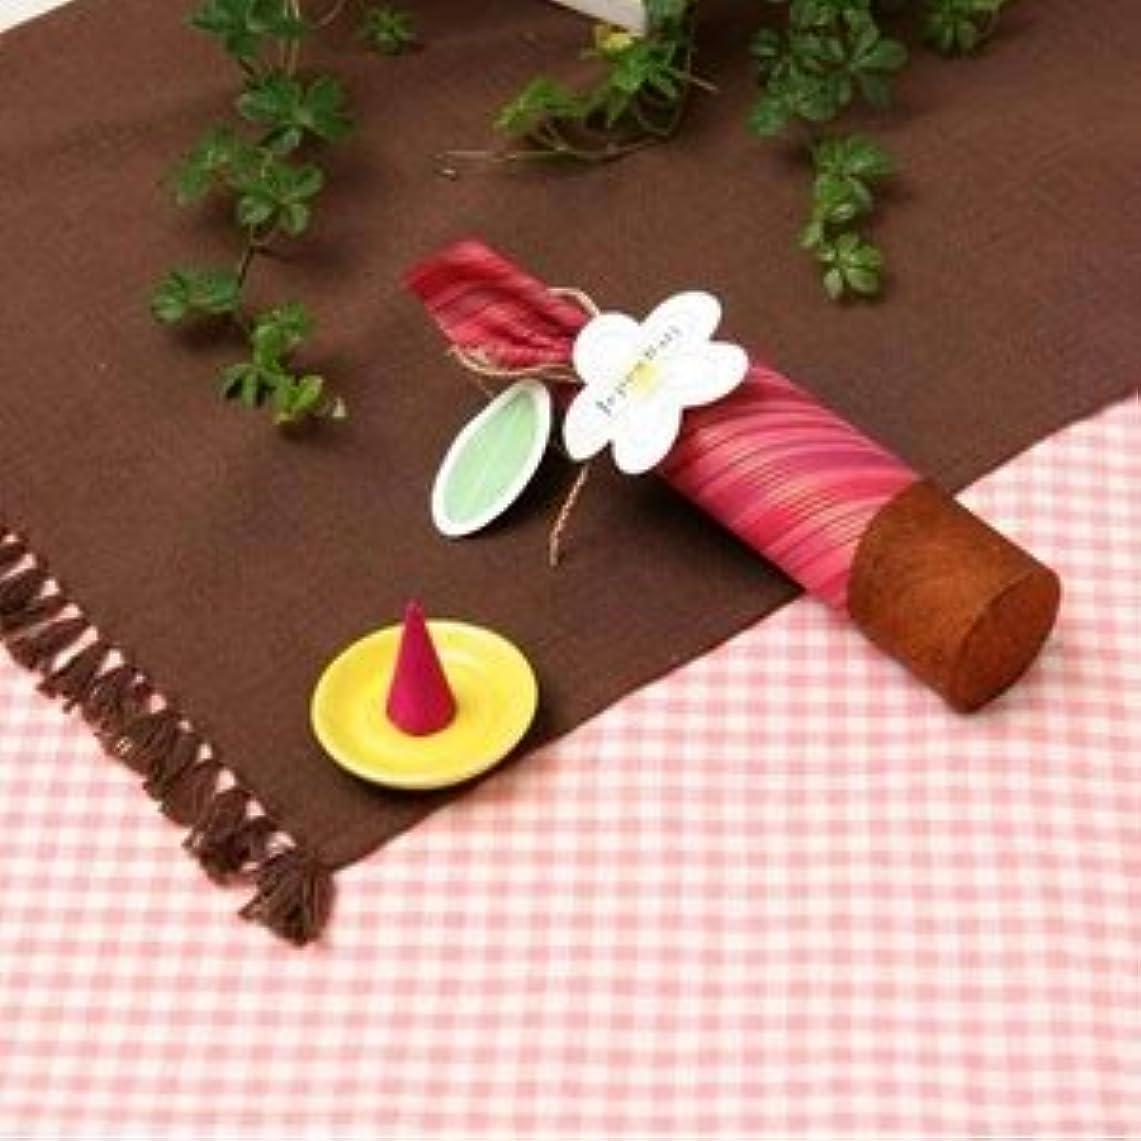 意気揚々クリープマラソンお香/インセンス 【桜の香り コーンタイプ10個入り】 バリ島製 「Jupen Bari ジュプンバリ」